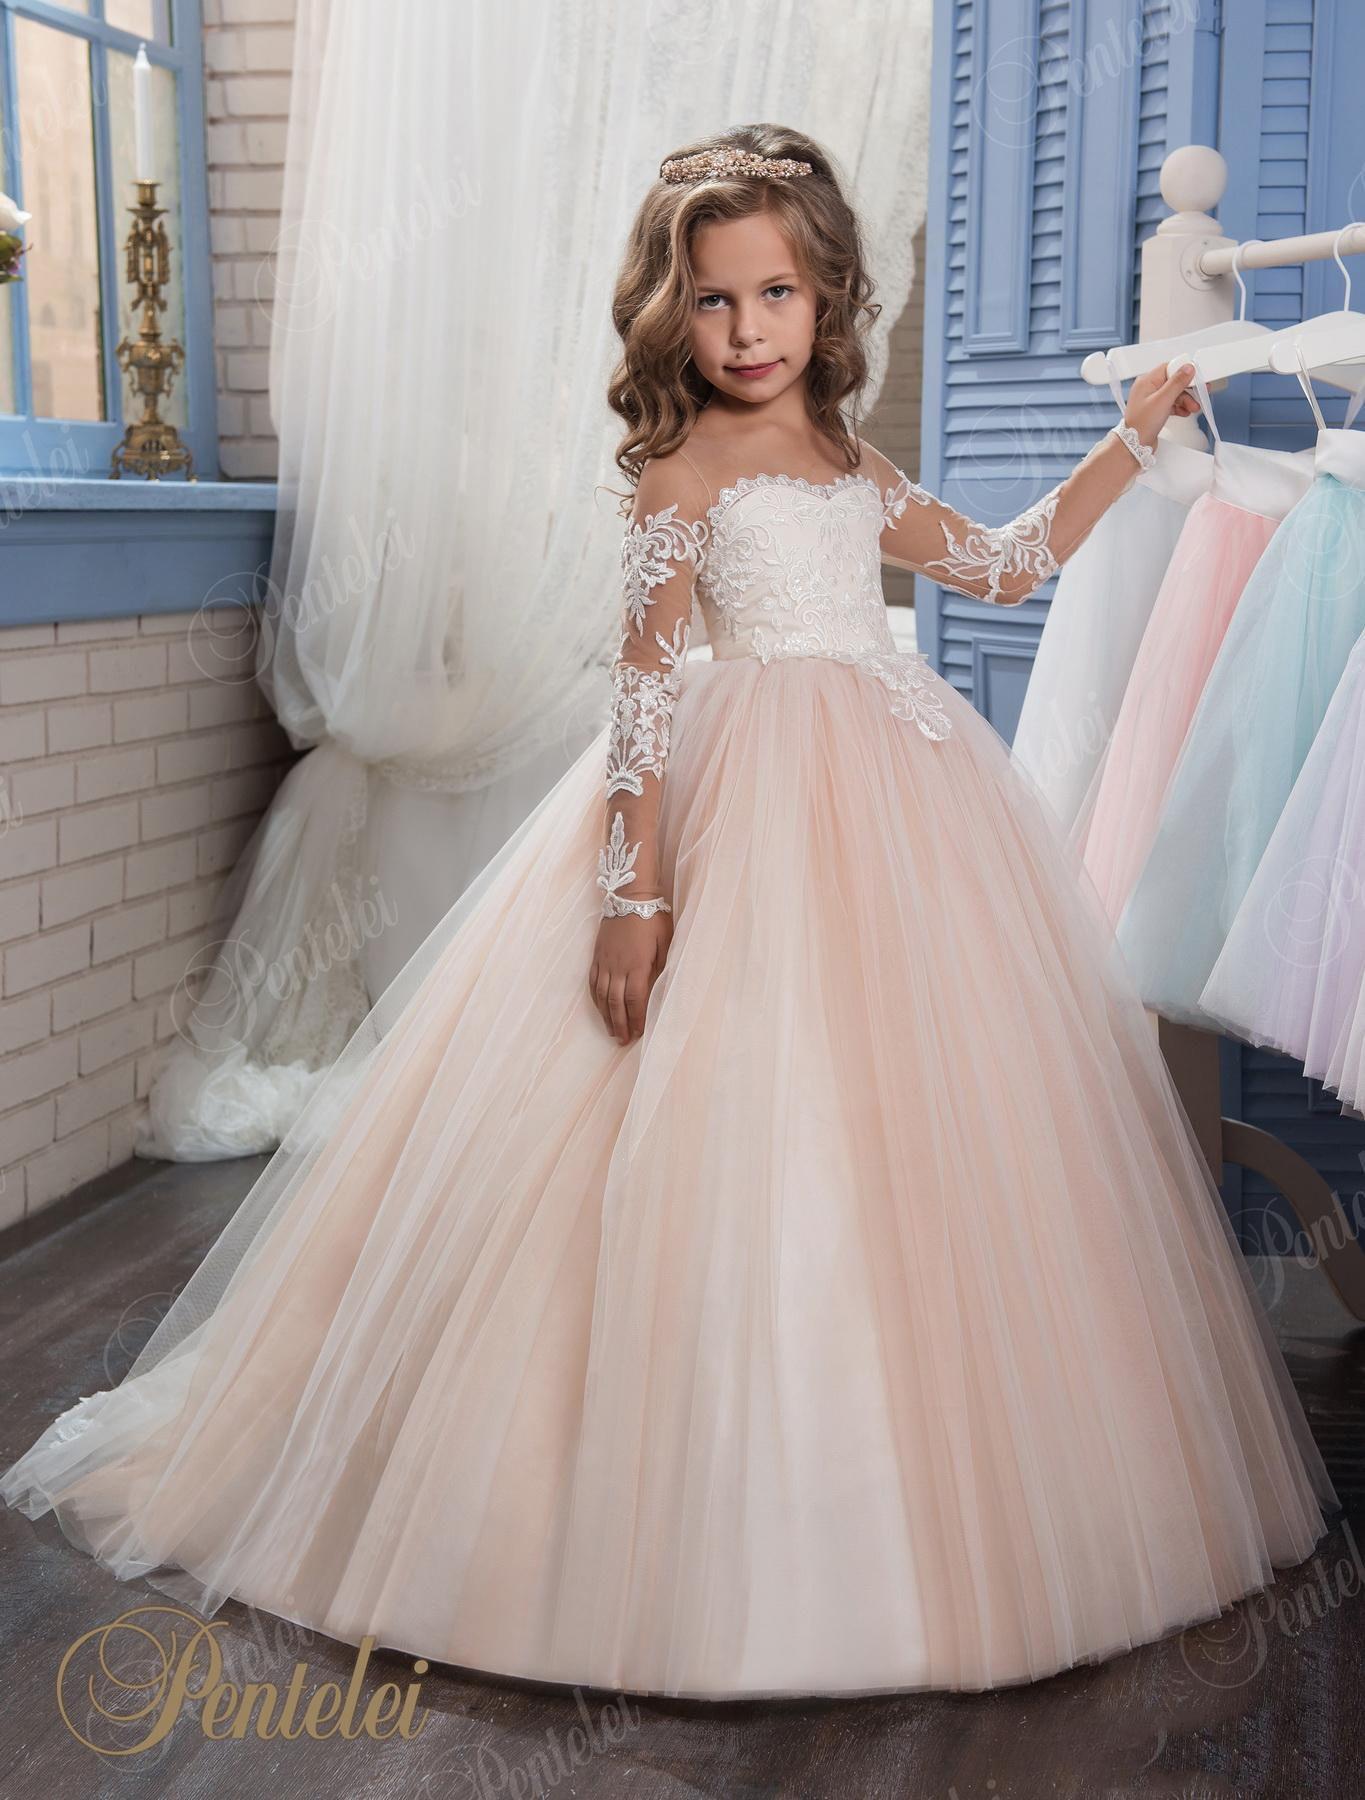 Großhandel Prinzessin Vintage Perlen Arabisch 20 Blumenmädchen Kleider  Mit Langen Ärmeln Sheer Neck Schöne Blumenmädchen Brautkleider Kinder  Kleider